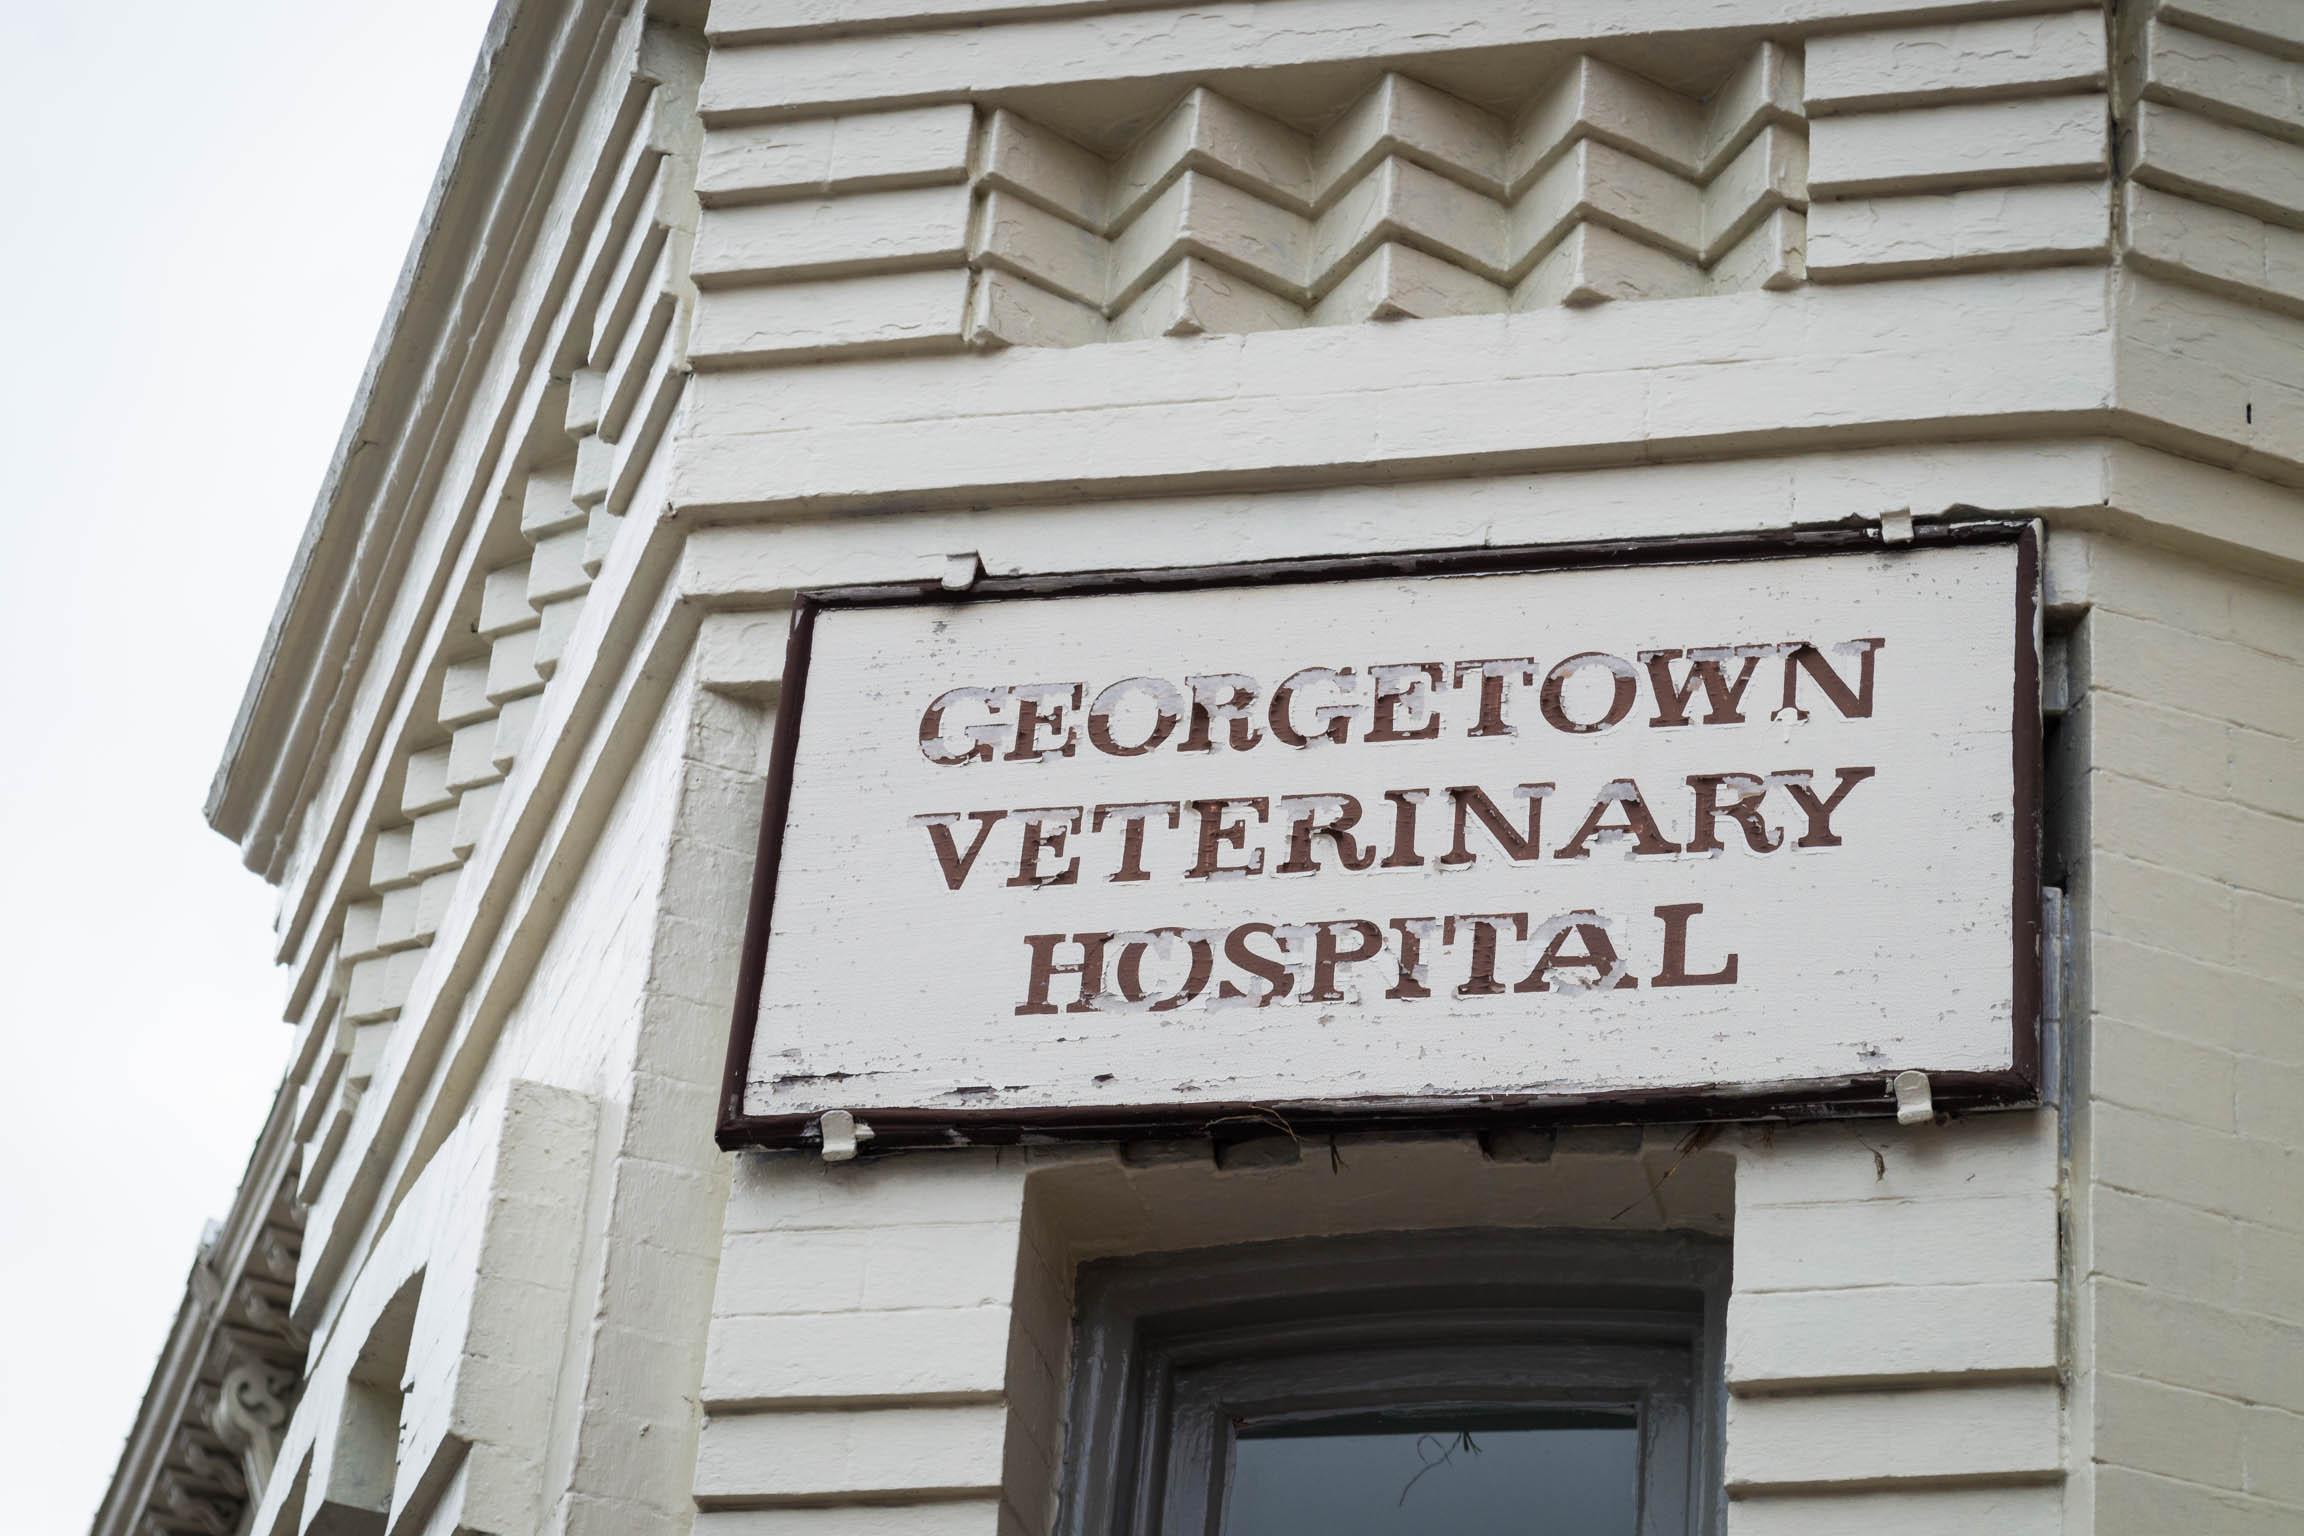 Une vieille enseigne d'un hôpital vétérinaire